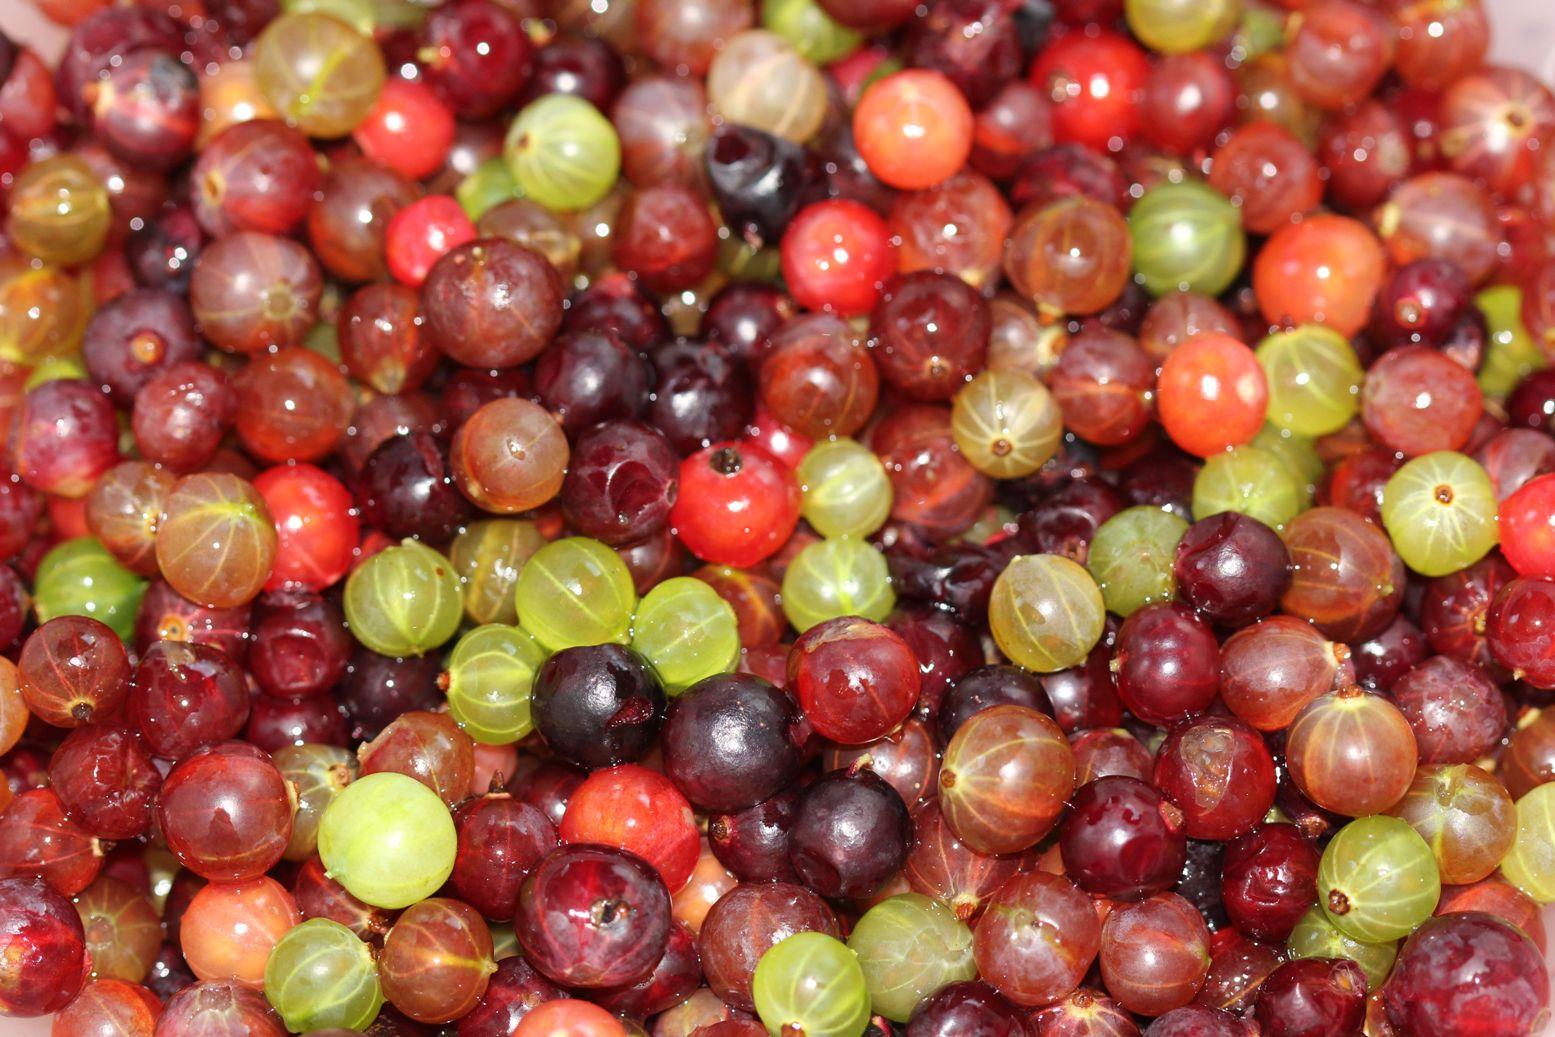 собранные и замоченные/промытые ягоды крыжовника разных сортов зеленые красные темные